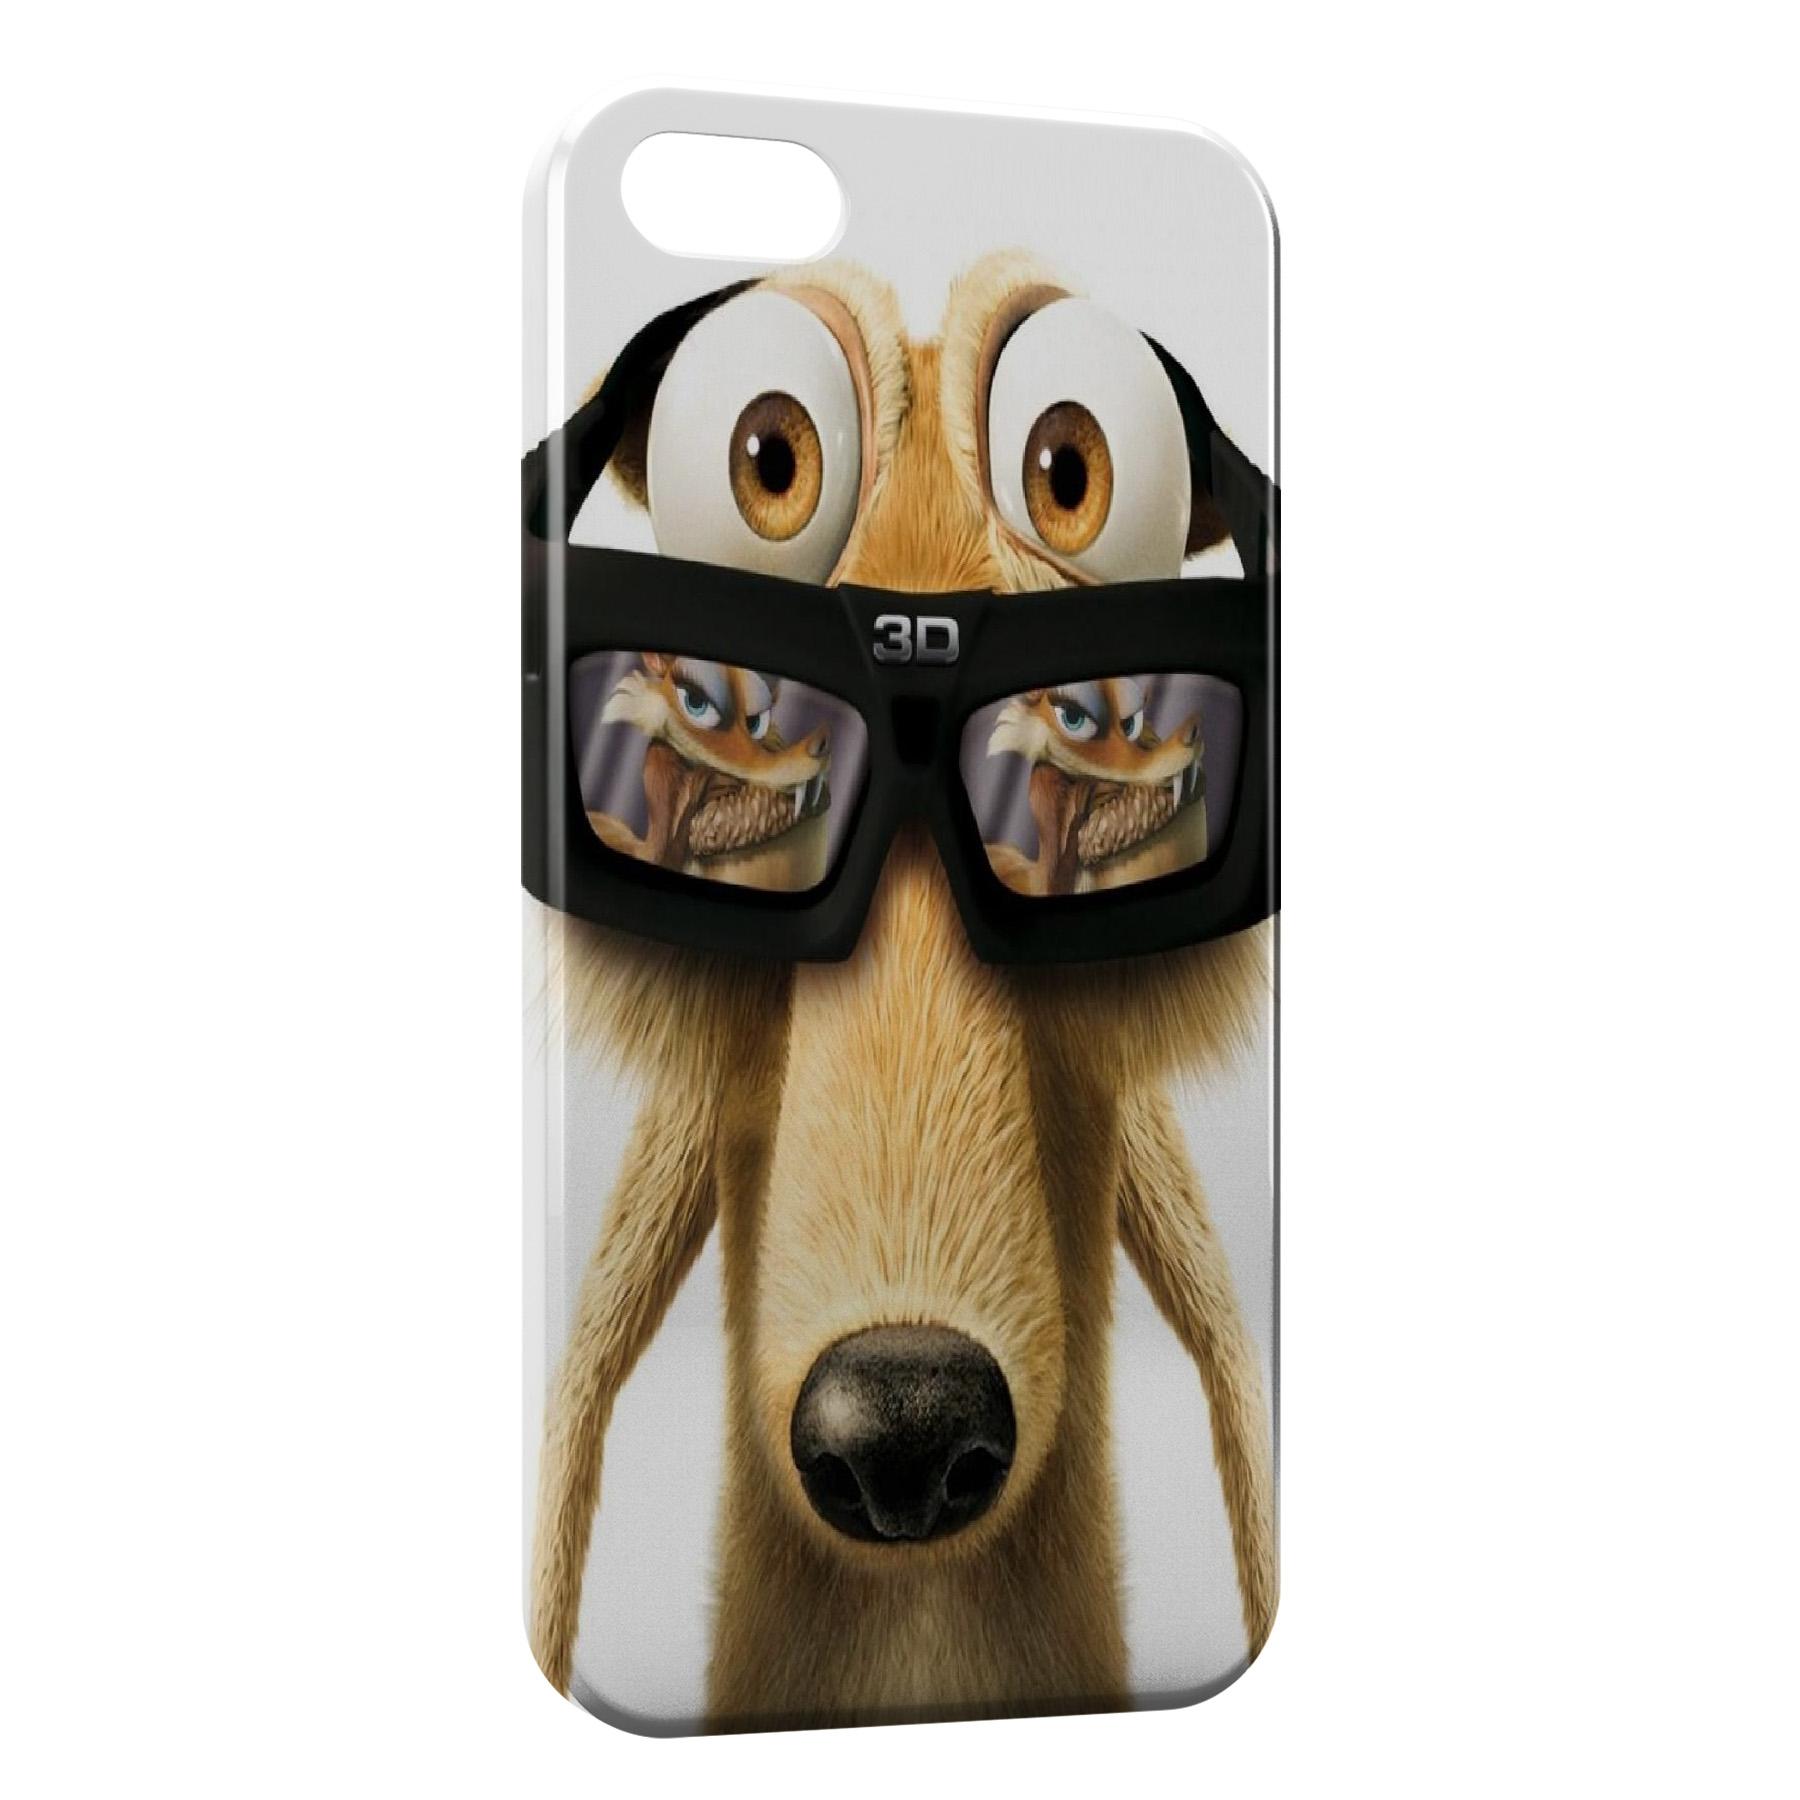 Coque Iphone 8 8 Plus Lage De Glace 3d